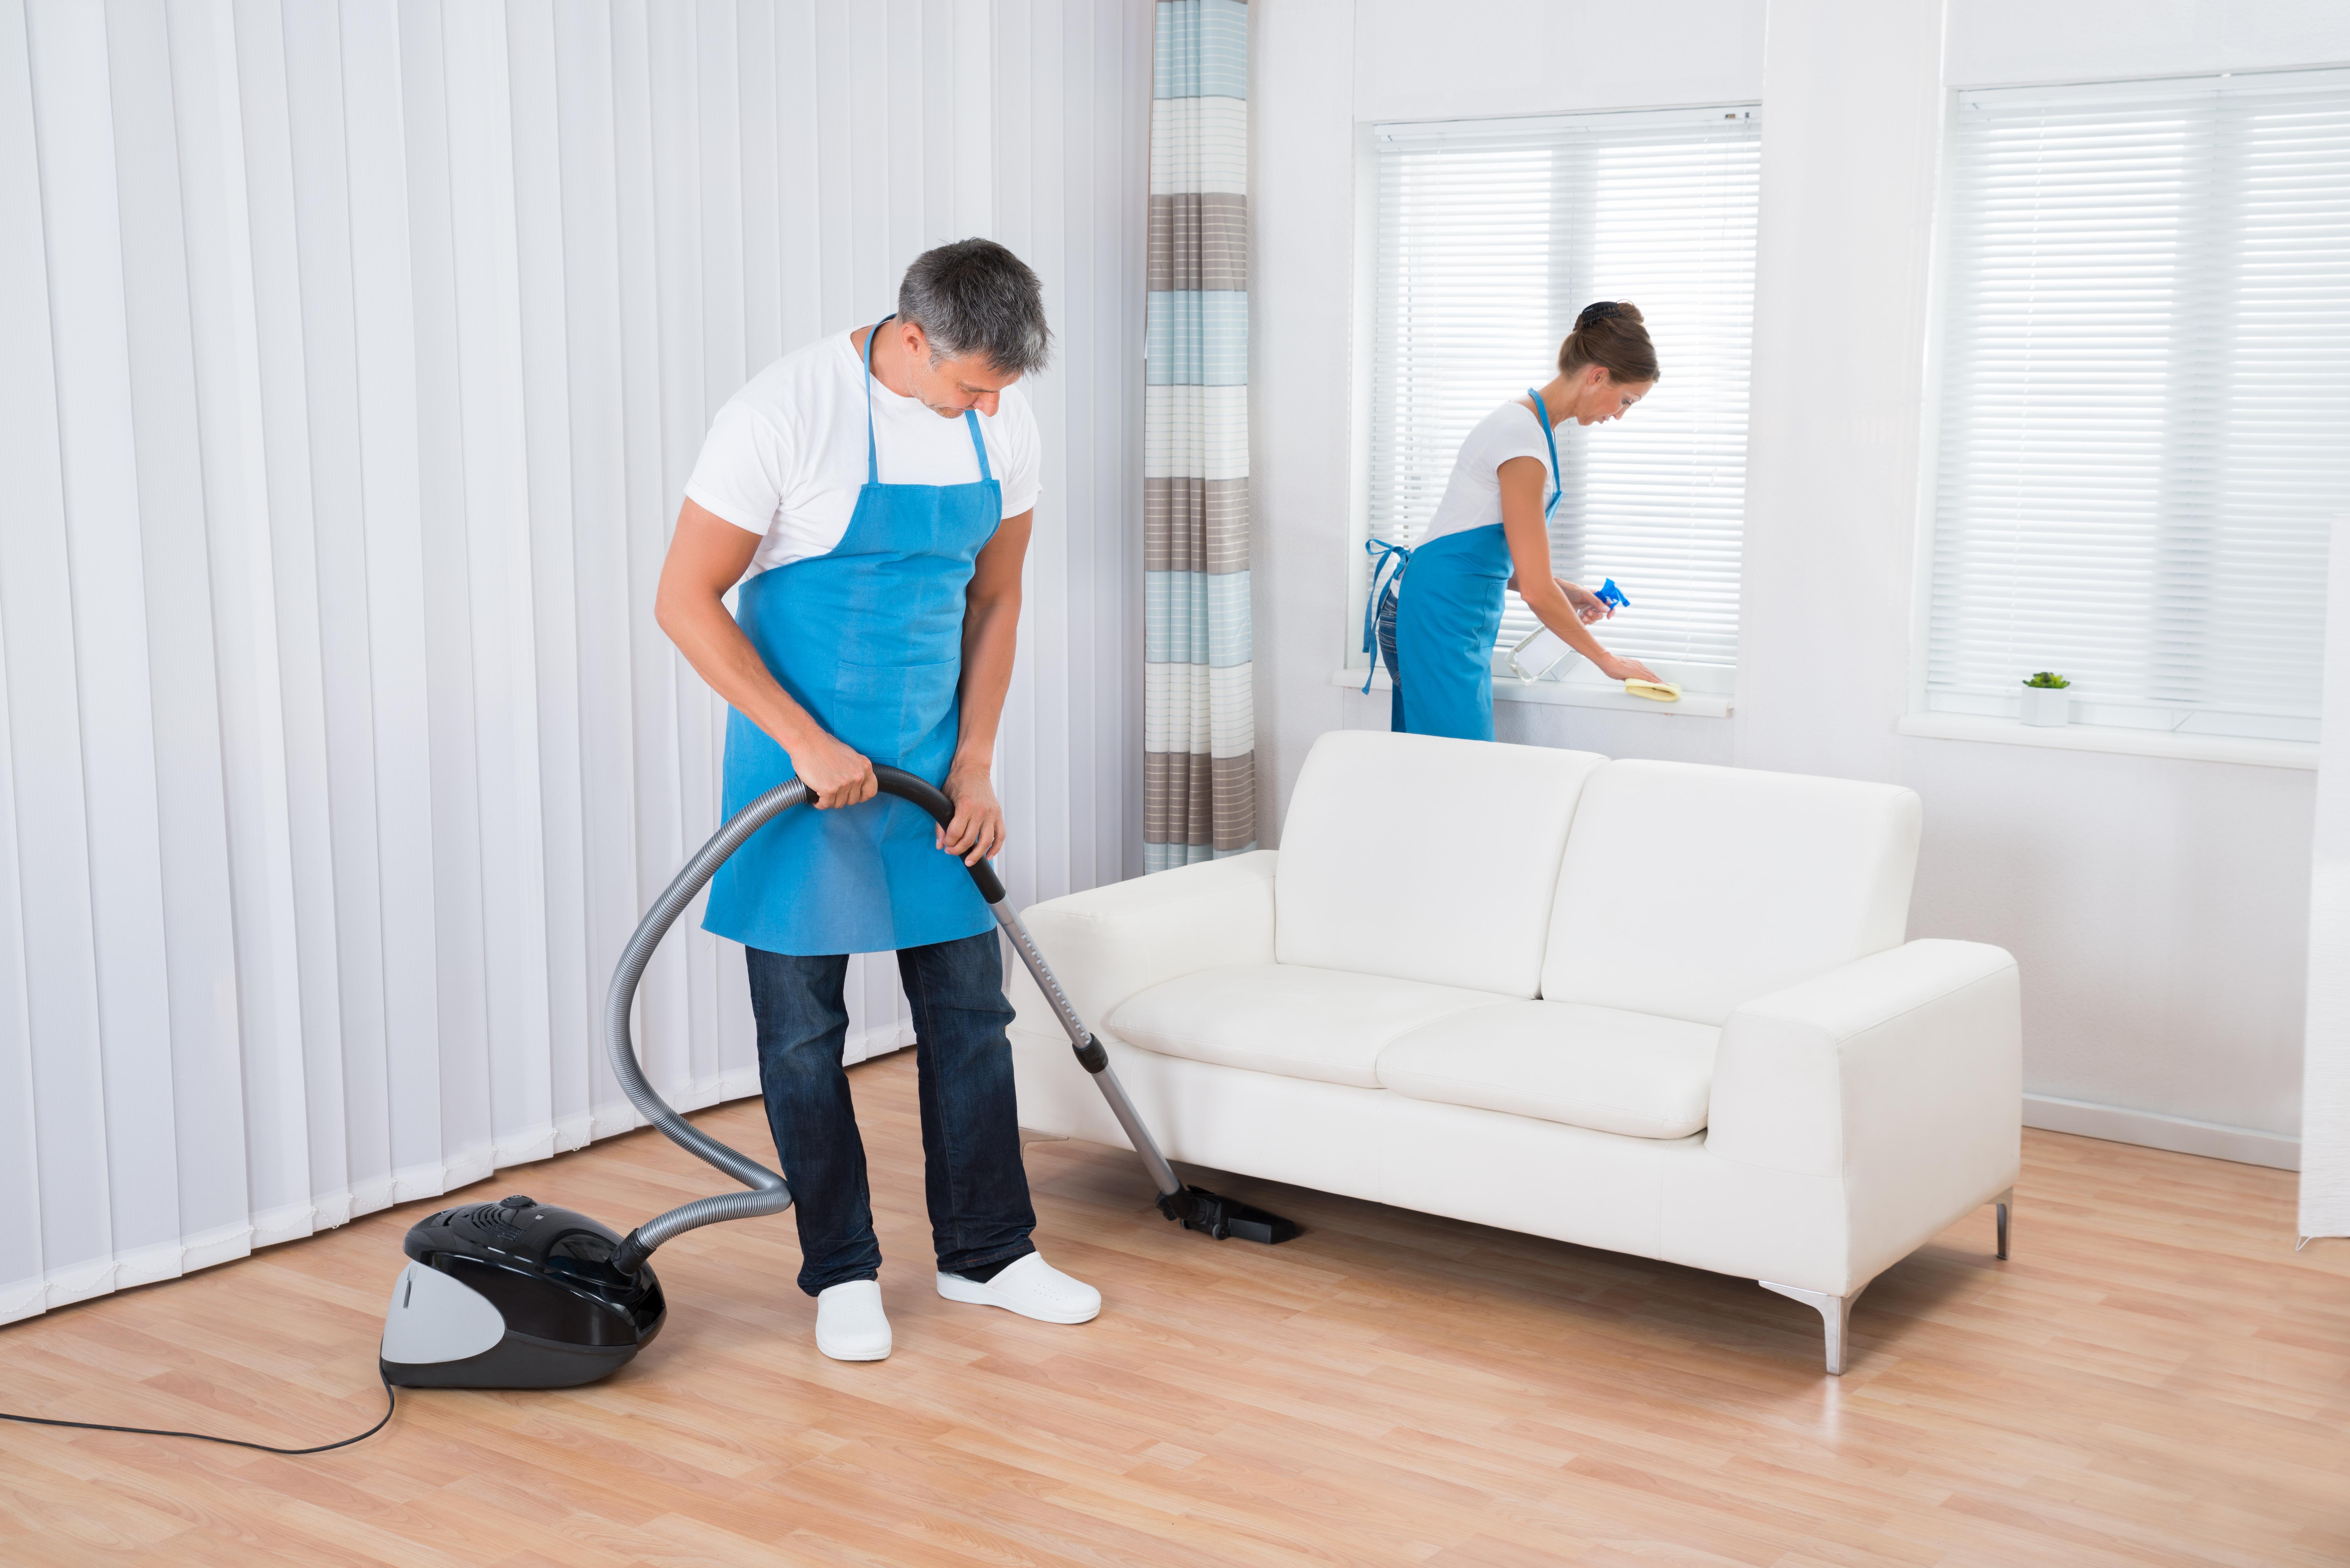 bien-aspirer-et-nettoyer-le-sol